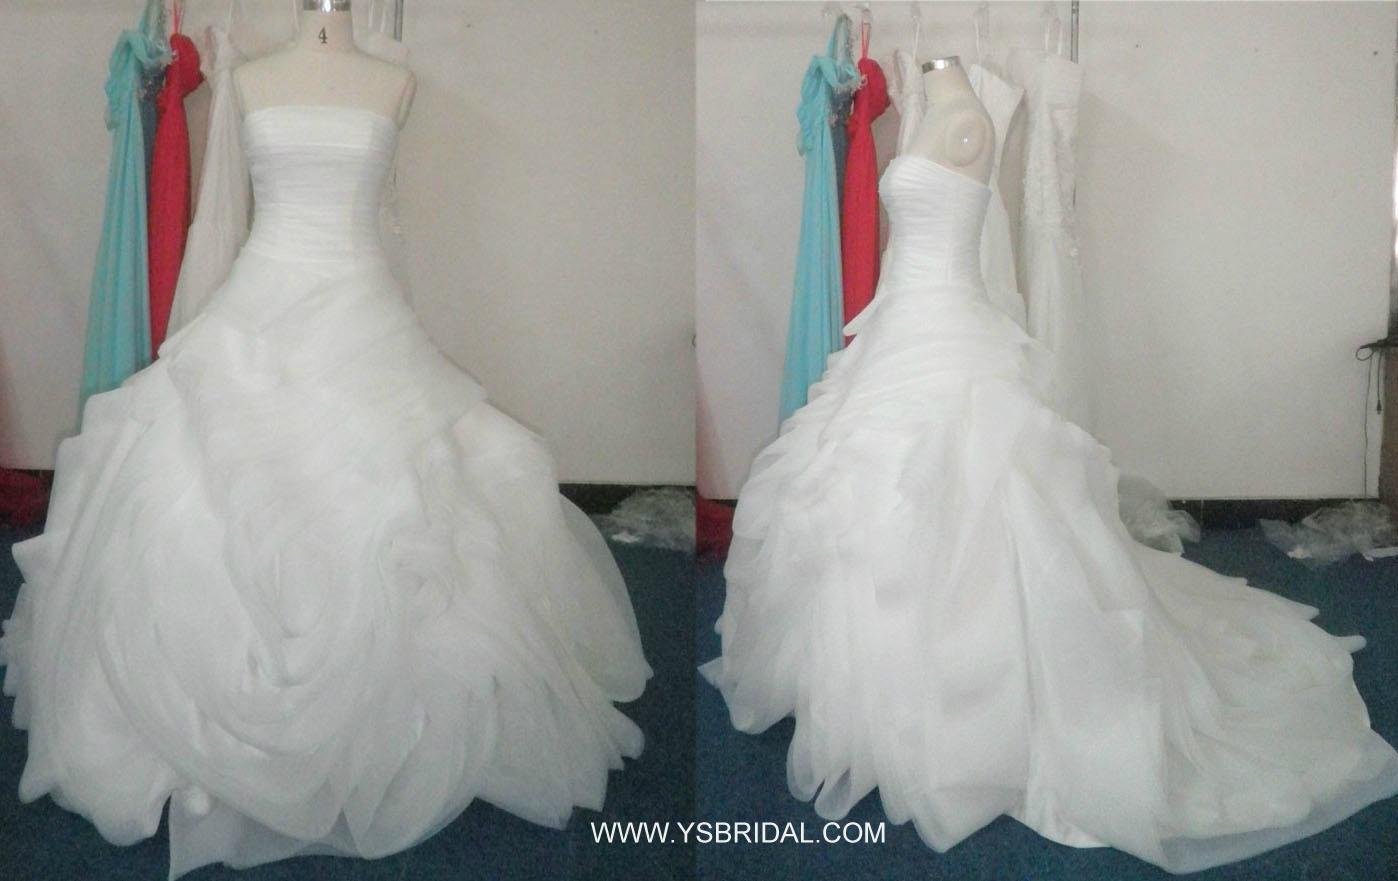 廣州婚紗廠批發高檔婚紗禮服 1